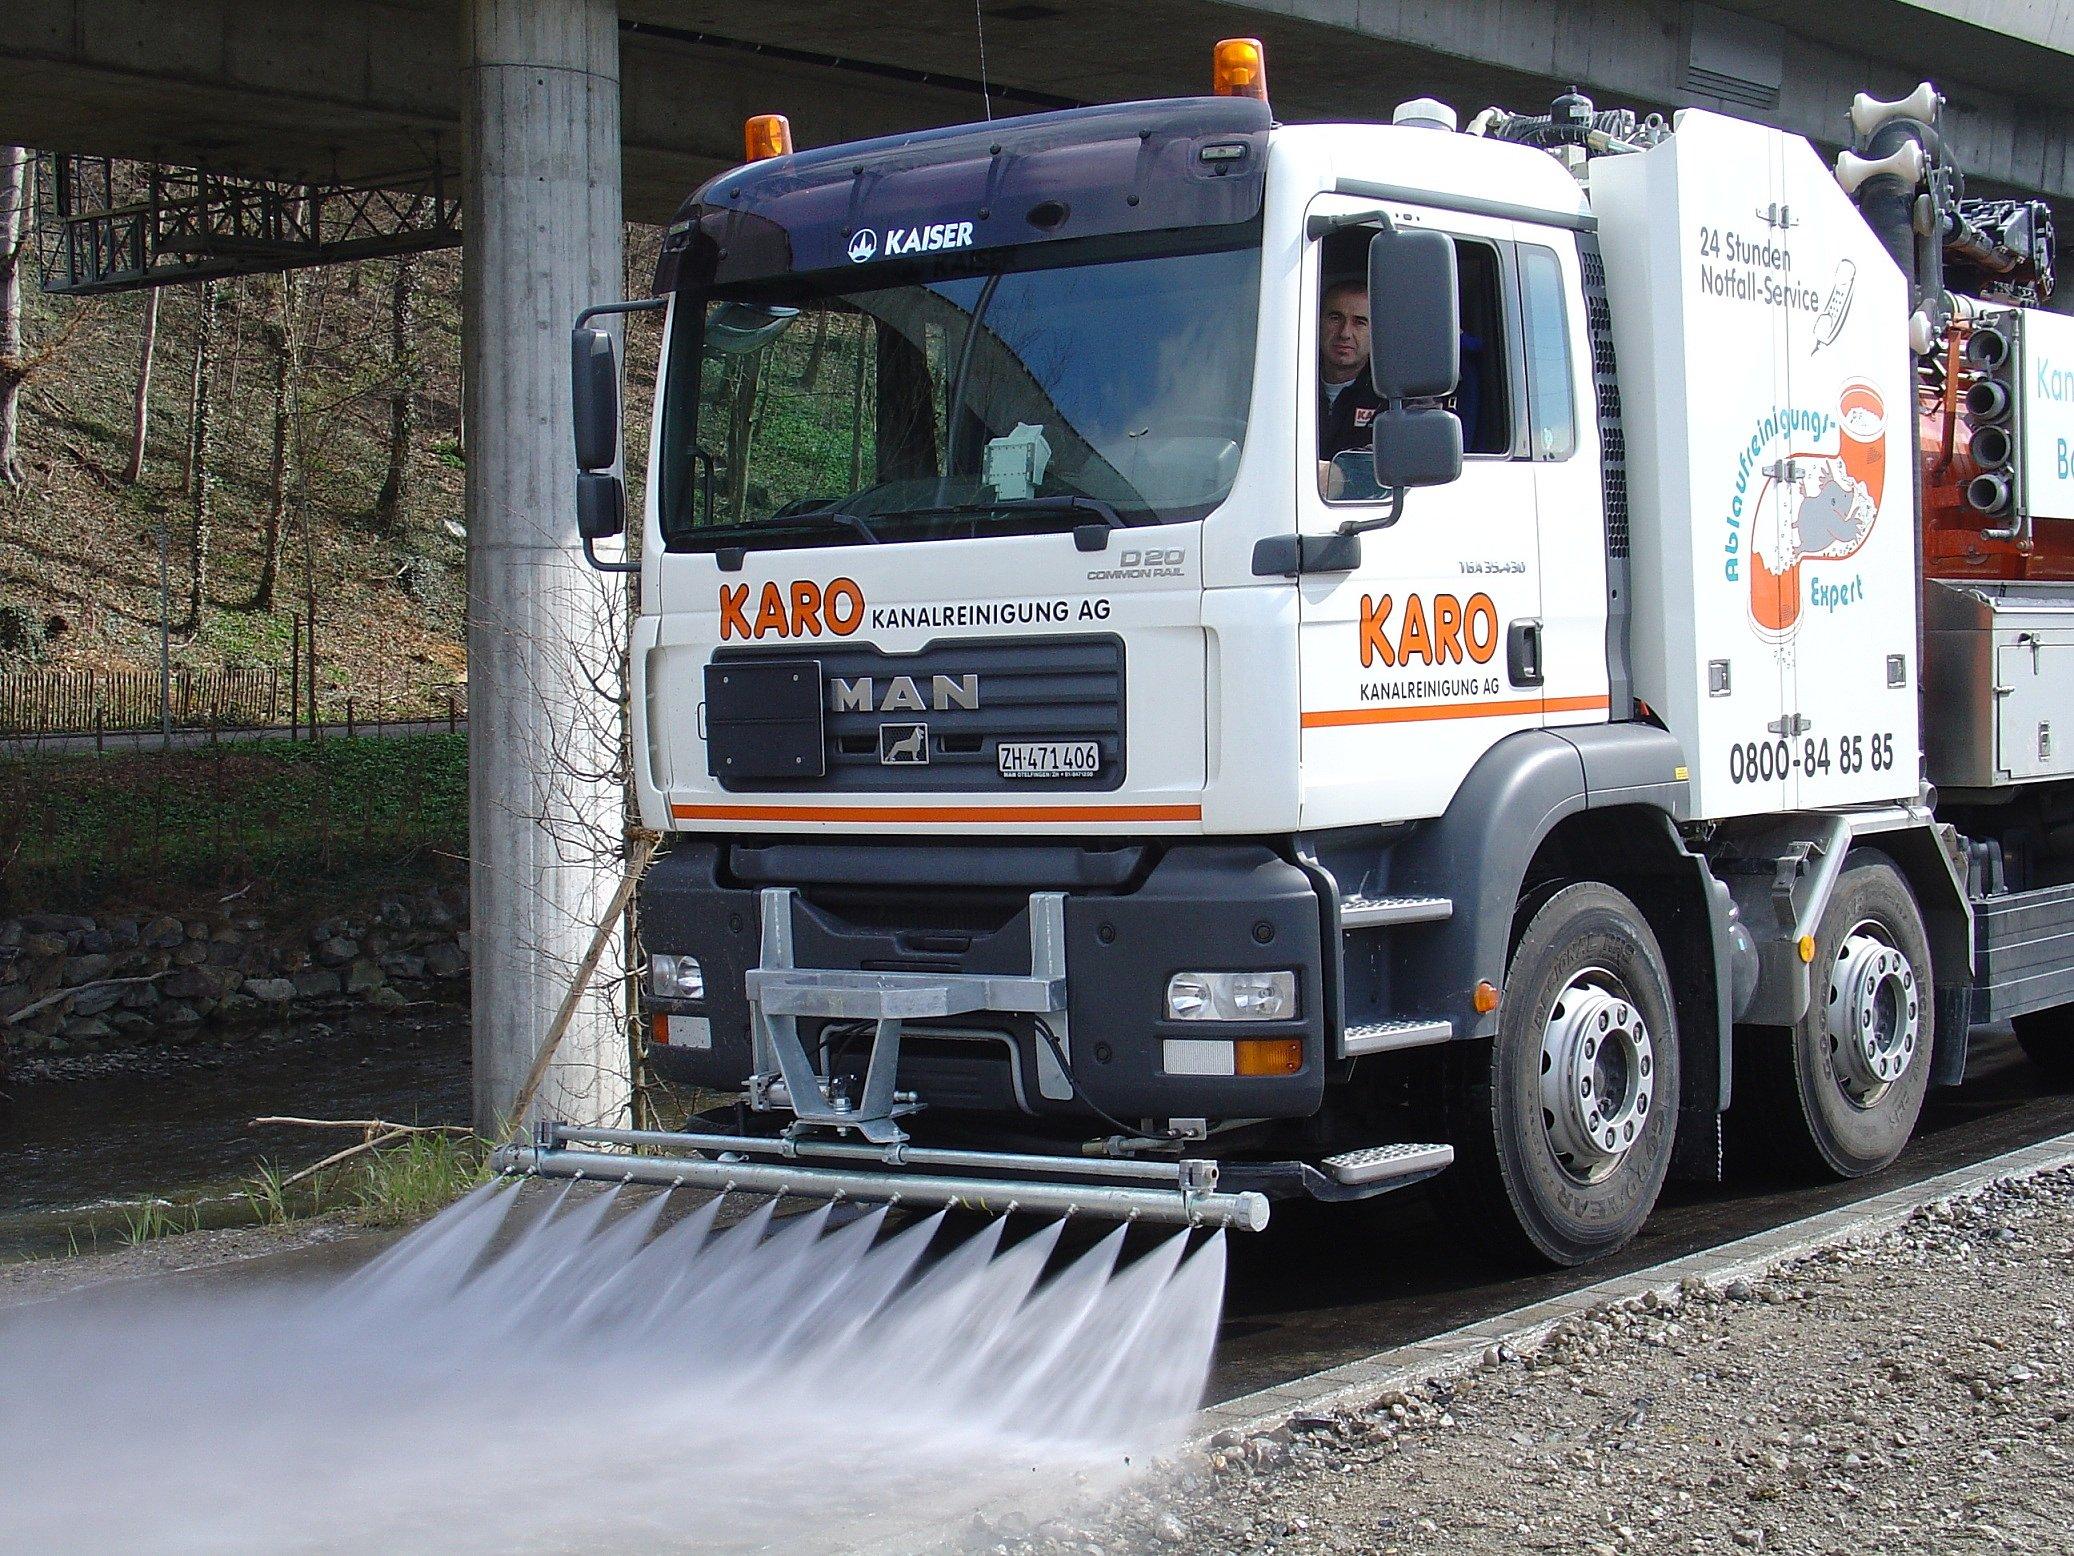 KARO Kanalreinigung AG